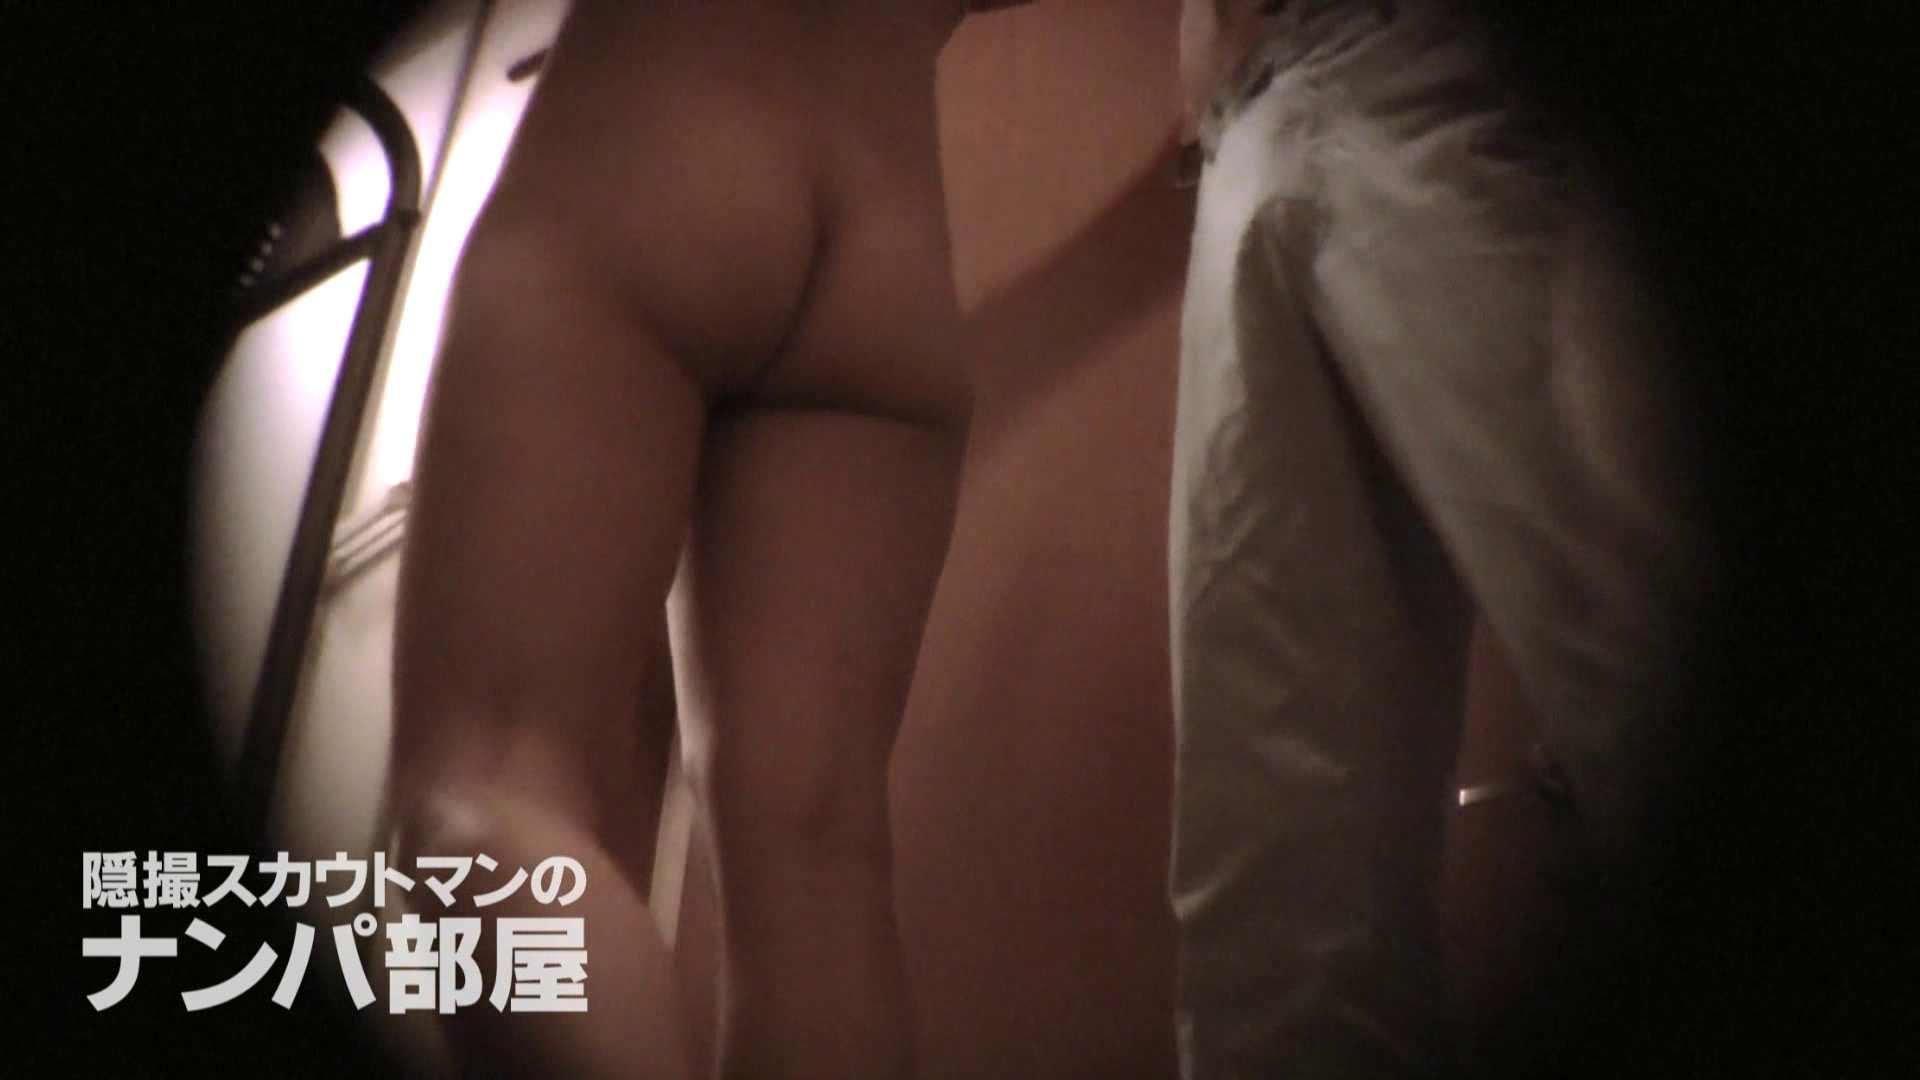 隠撮スカウトマンのナンパ部屋~風俗デビュー前のつまみ食い~ sii 隠撮  84連発 35